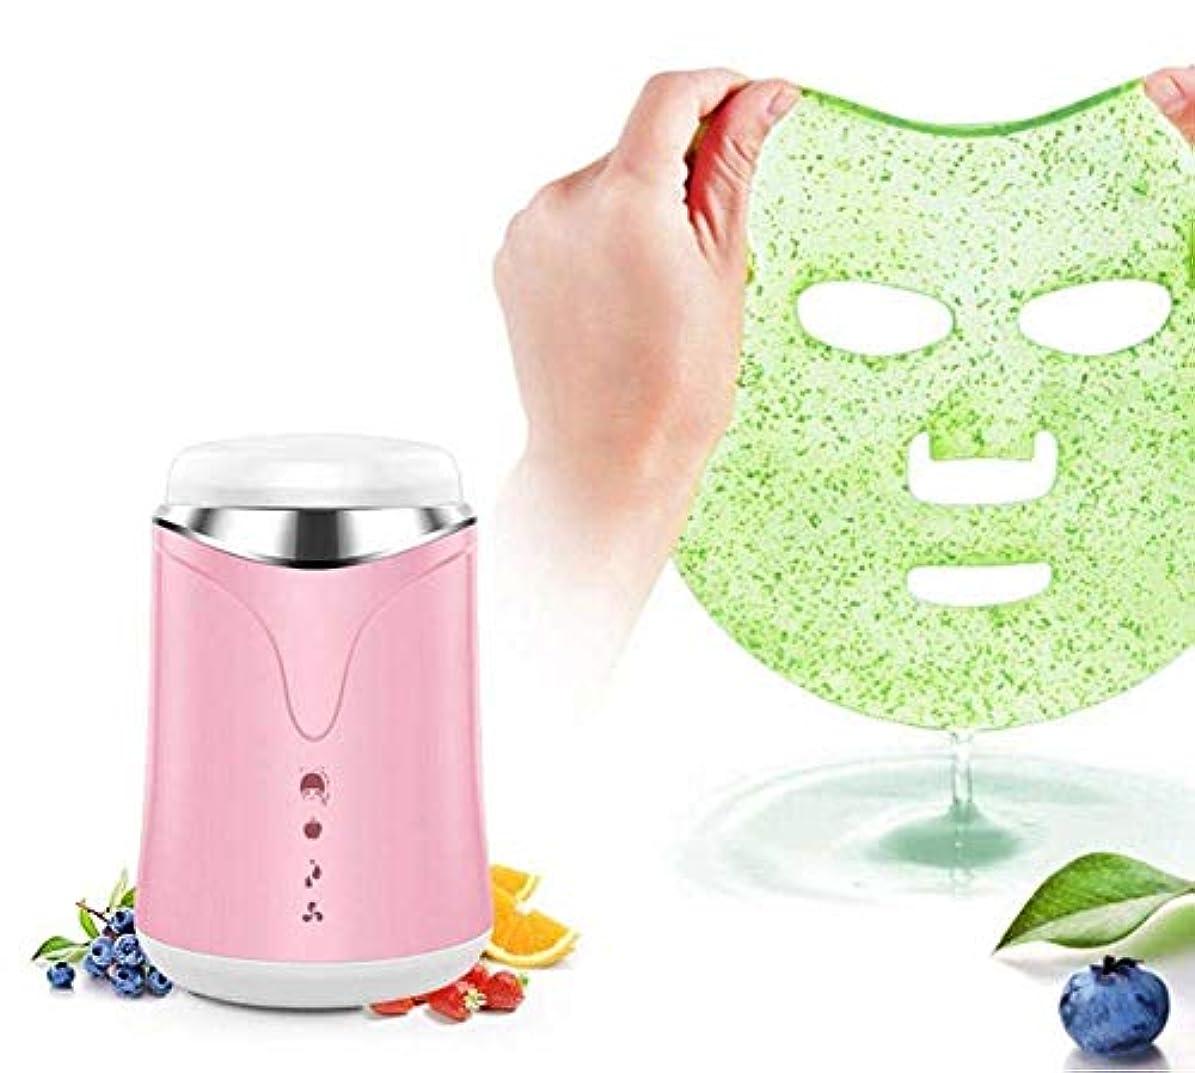 順番余暇チャーム果物と野菜のマスクを作るマシン、顔の汽船インテリジェント自動フェイシャルケア機器/保湿美容機器自家製の液体マスク,Pink